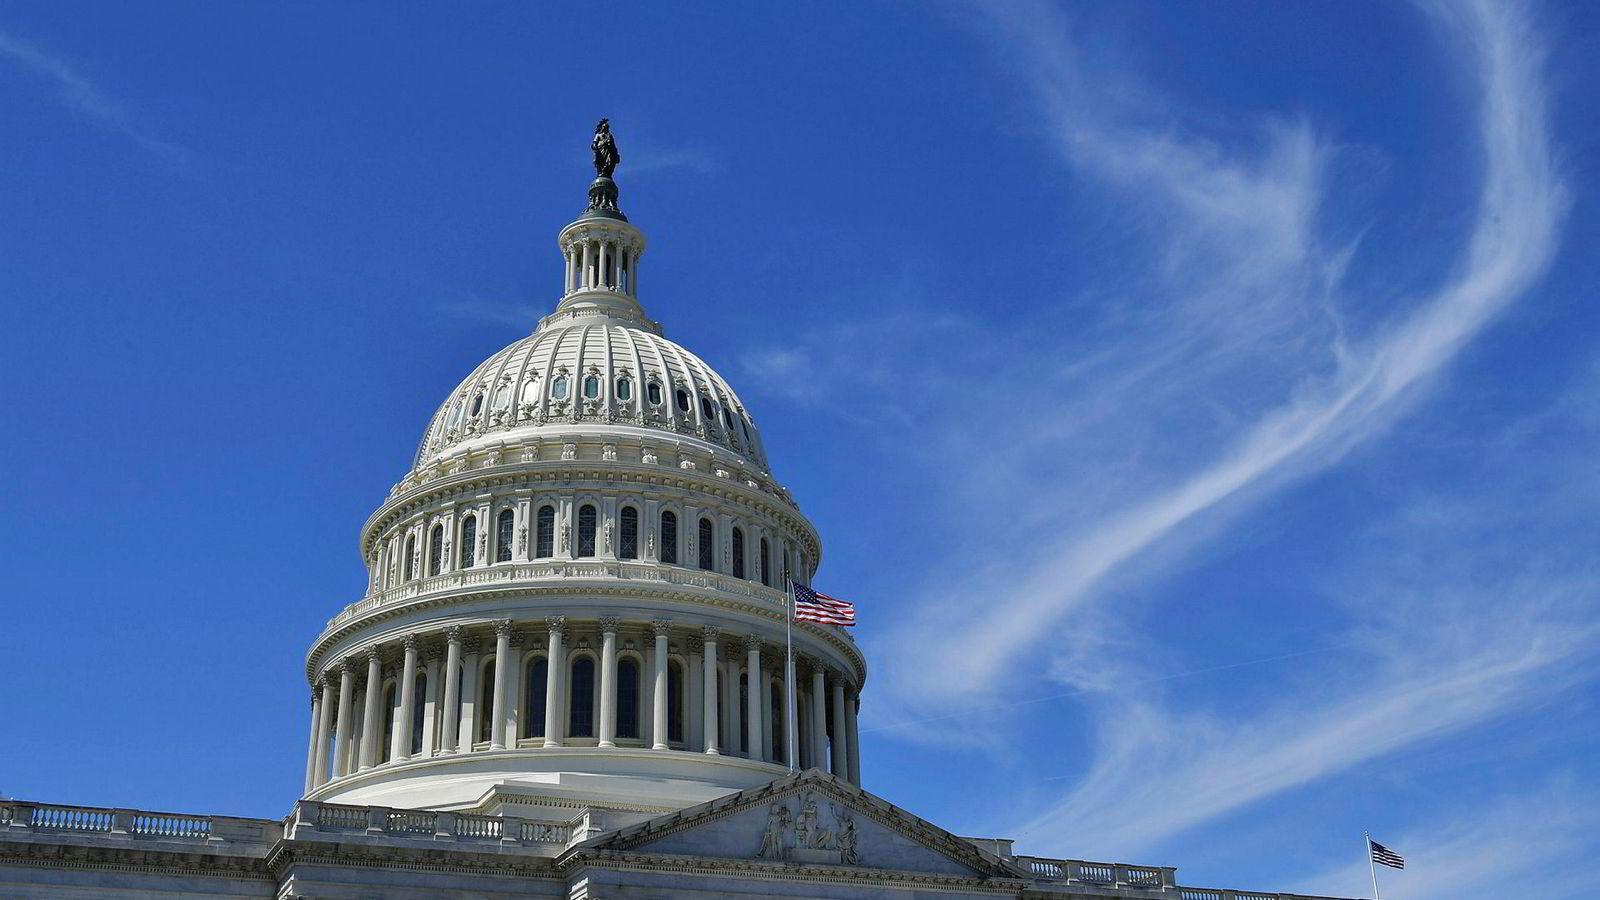 Et flertall i Senatet ønsker å avlyse våpensalget til Saudi-Arabia.